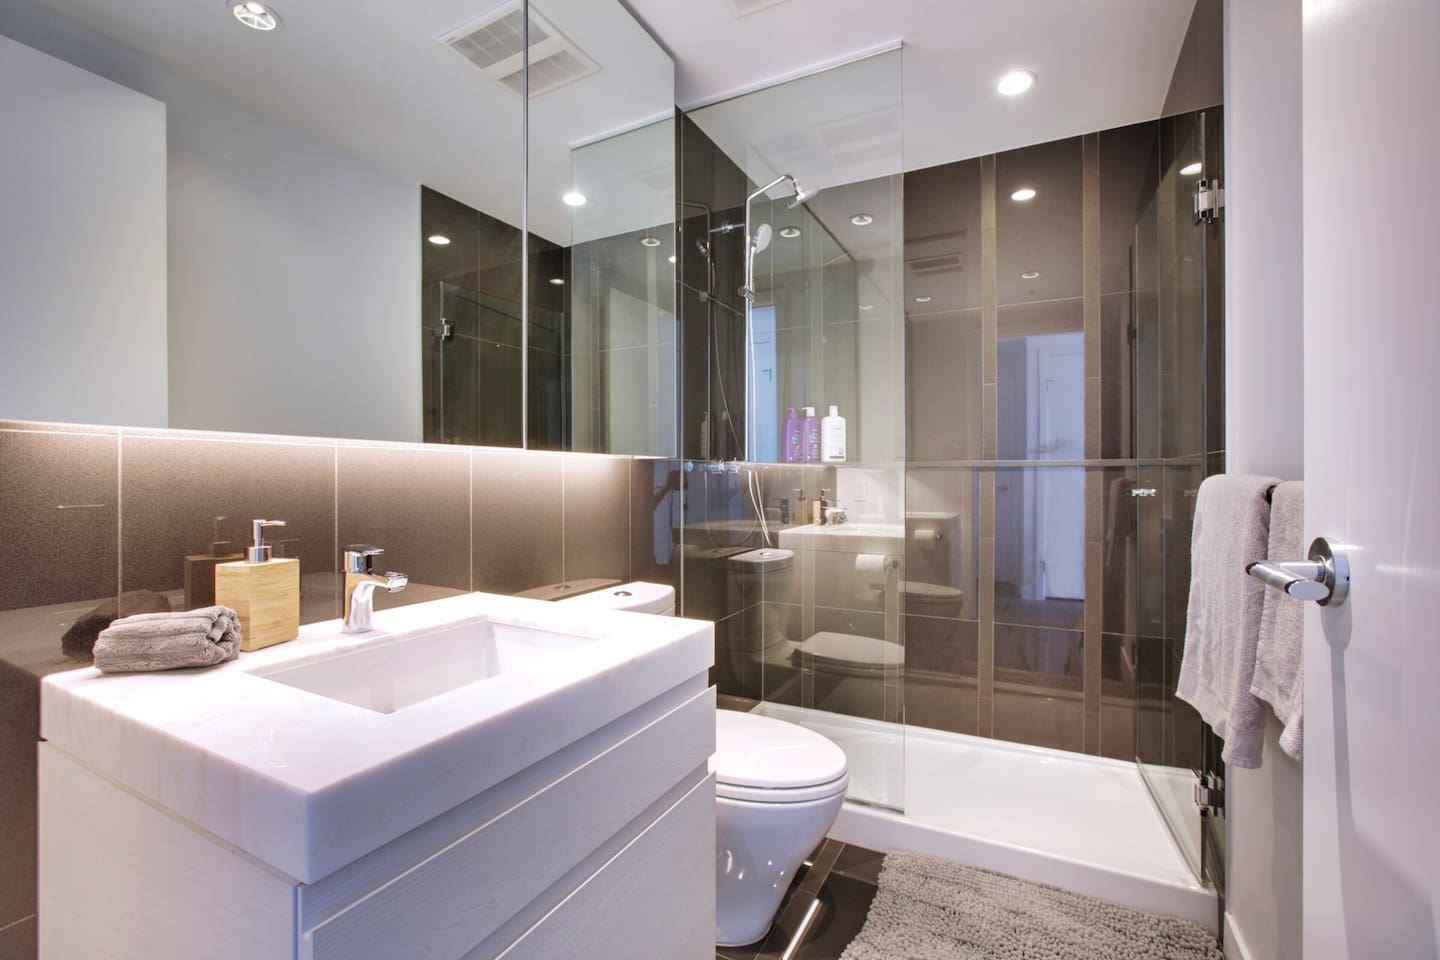 卡城现代全新精品高级公寓 calgary modern 2br brandnew condo